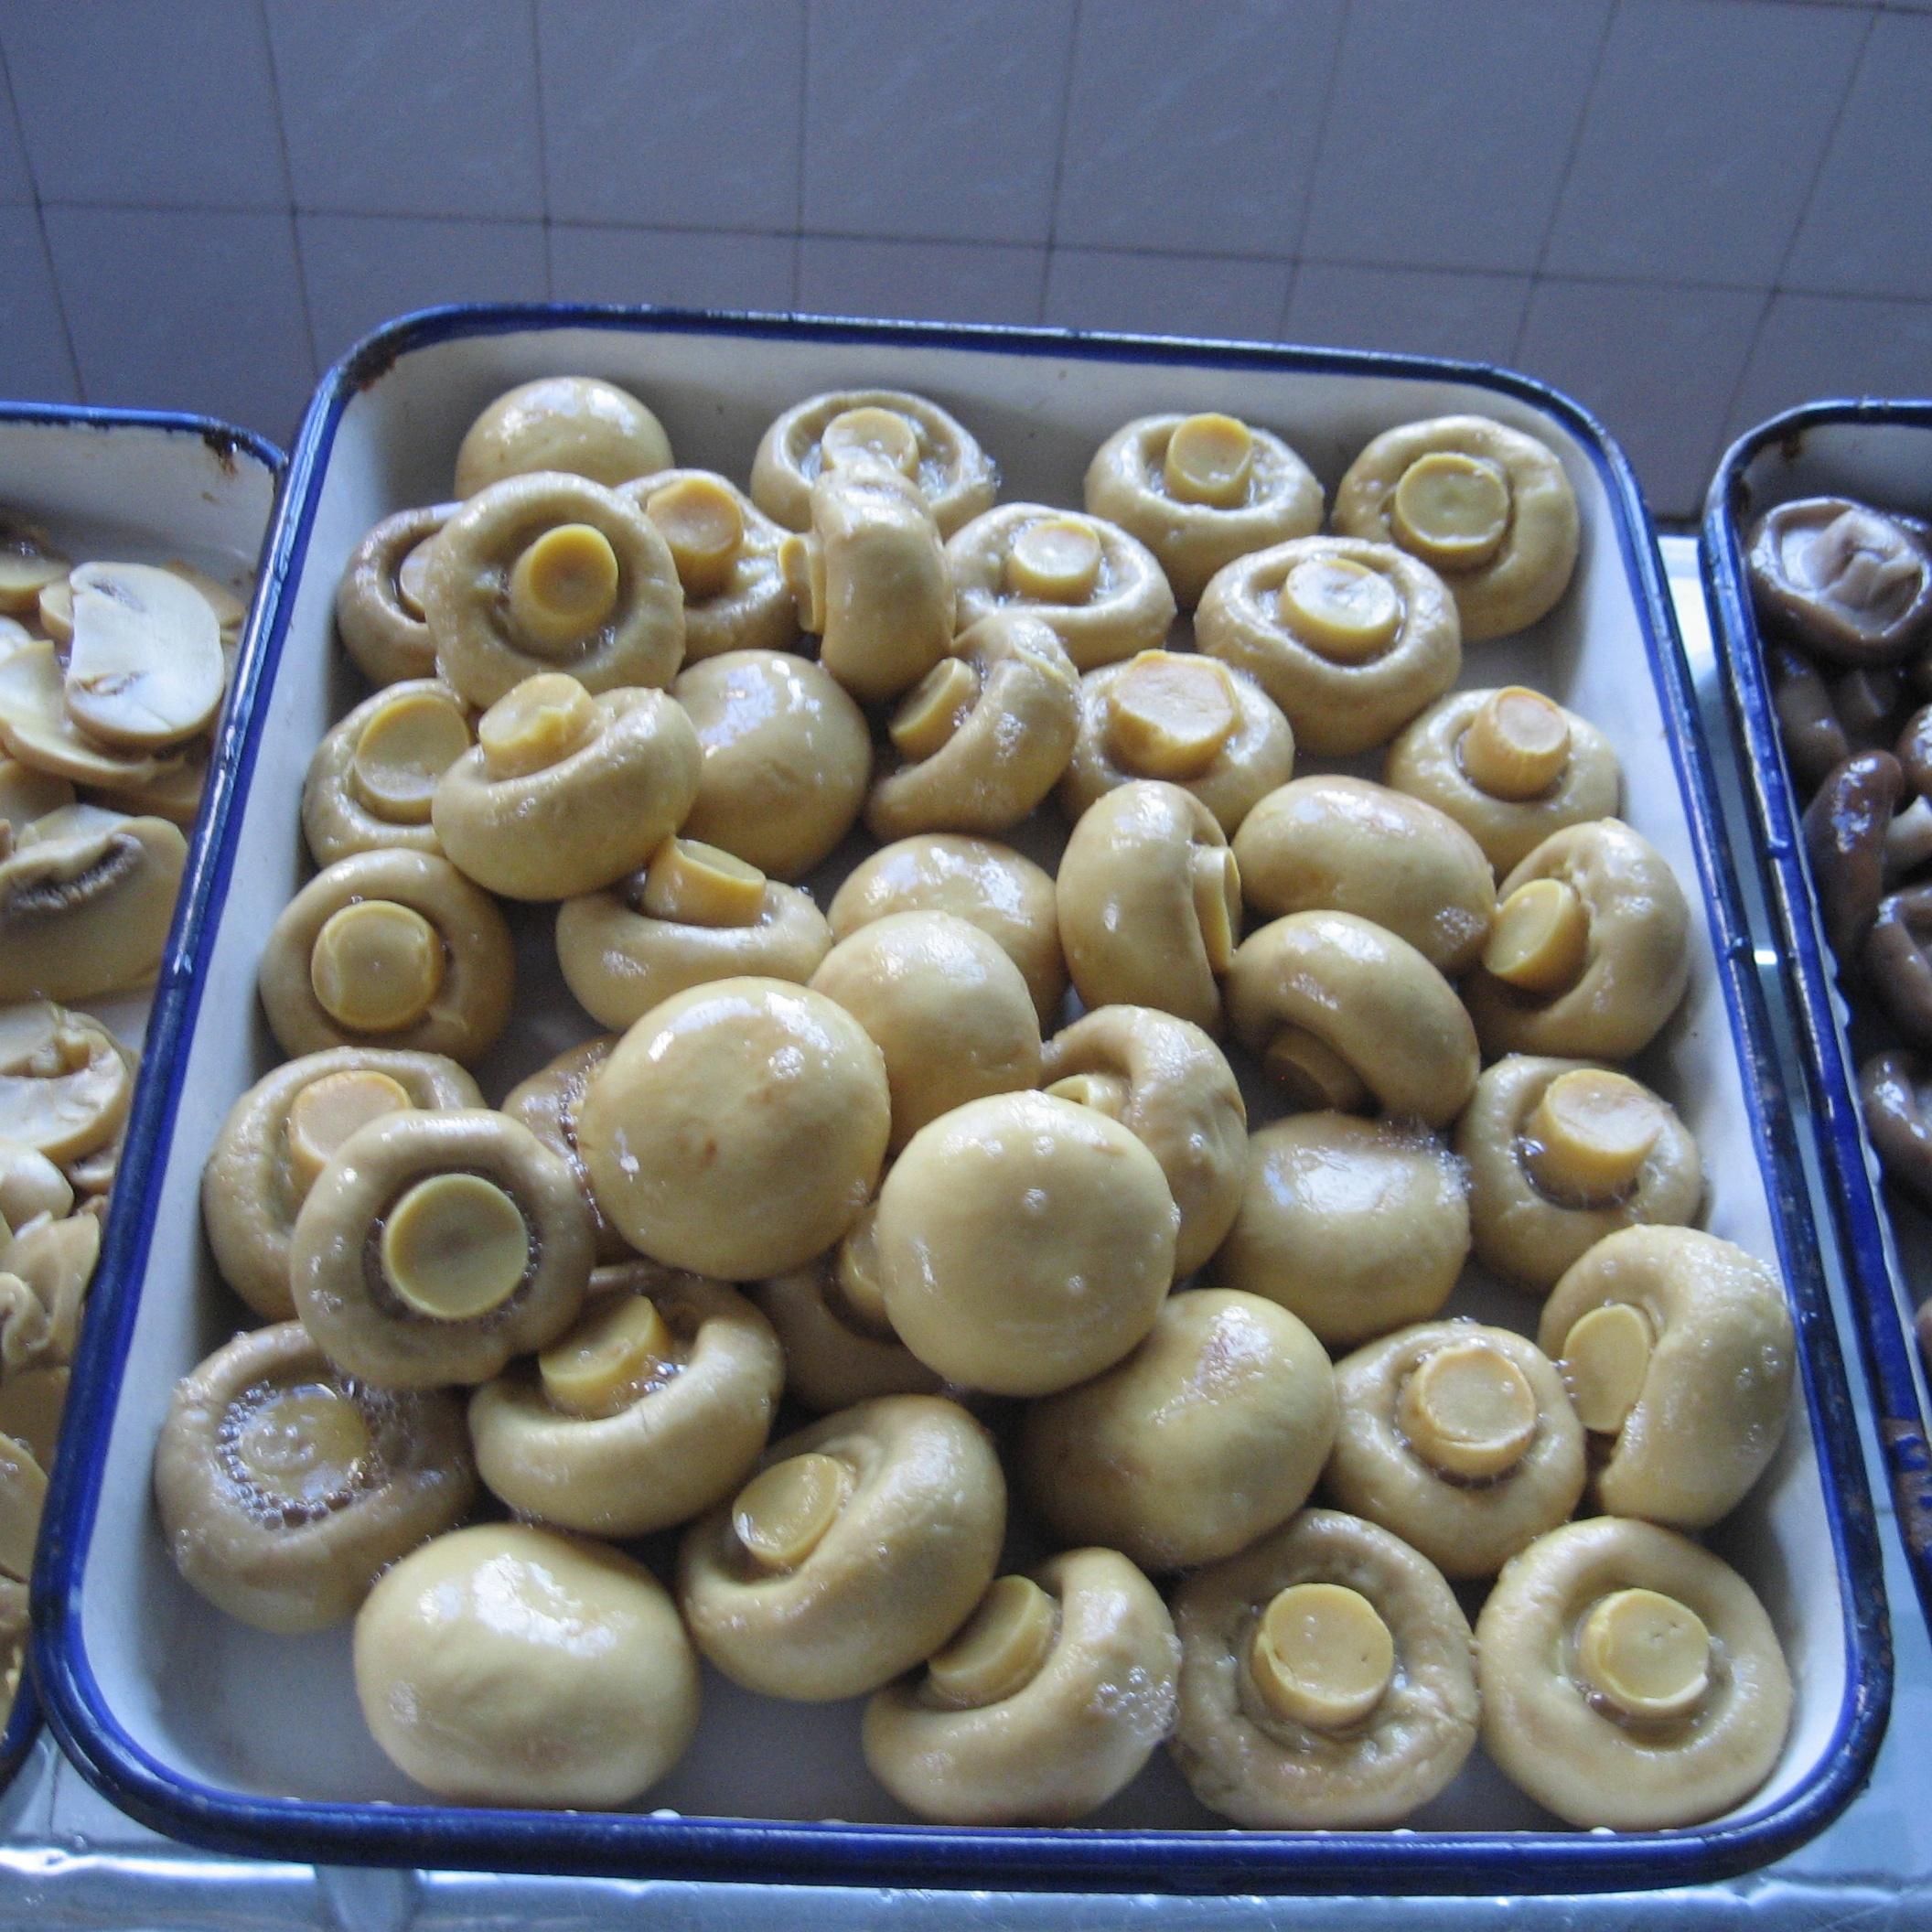 Халяльные продукты питания, консервированные грибы PNS в стеклянной банке или баночке